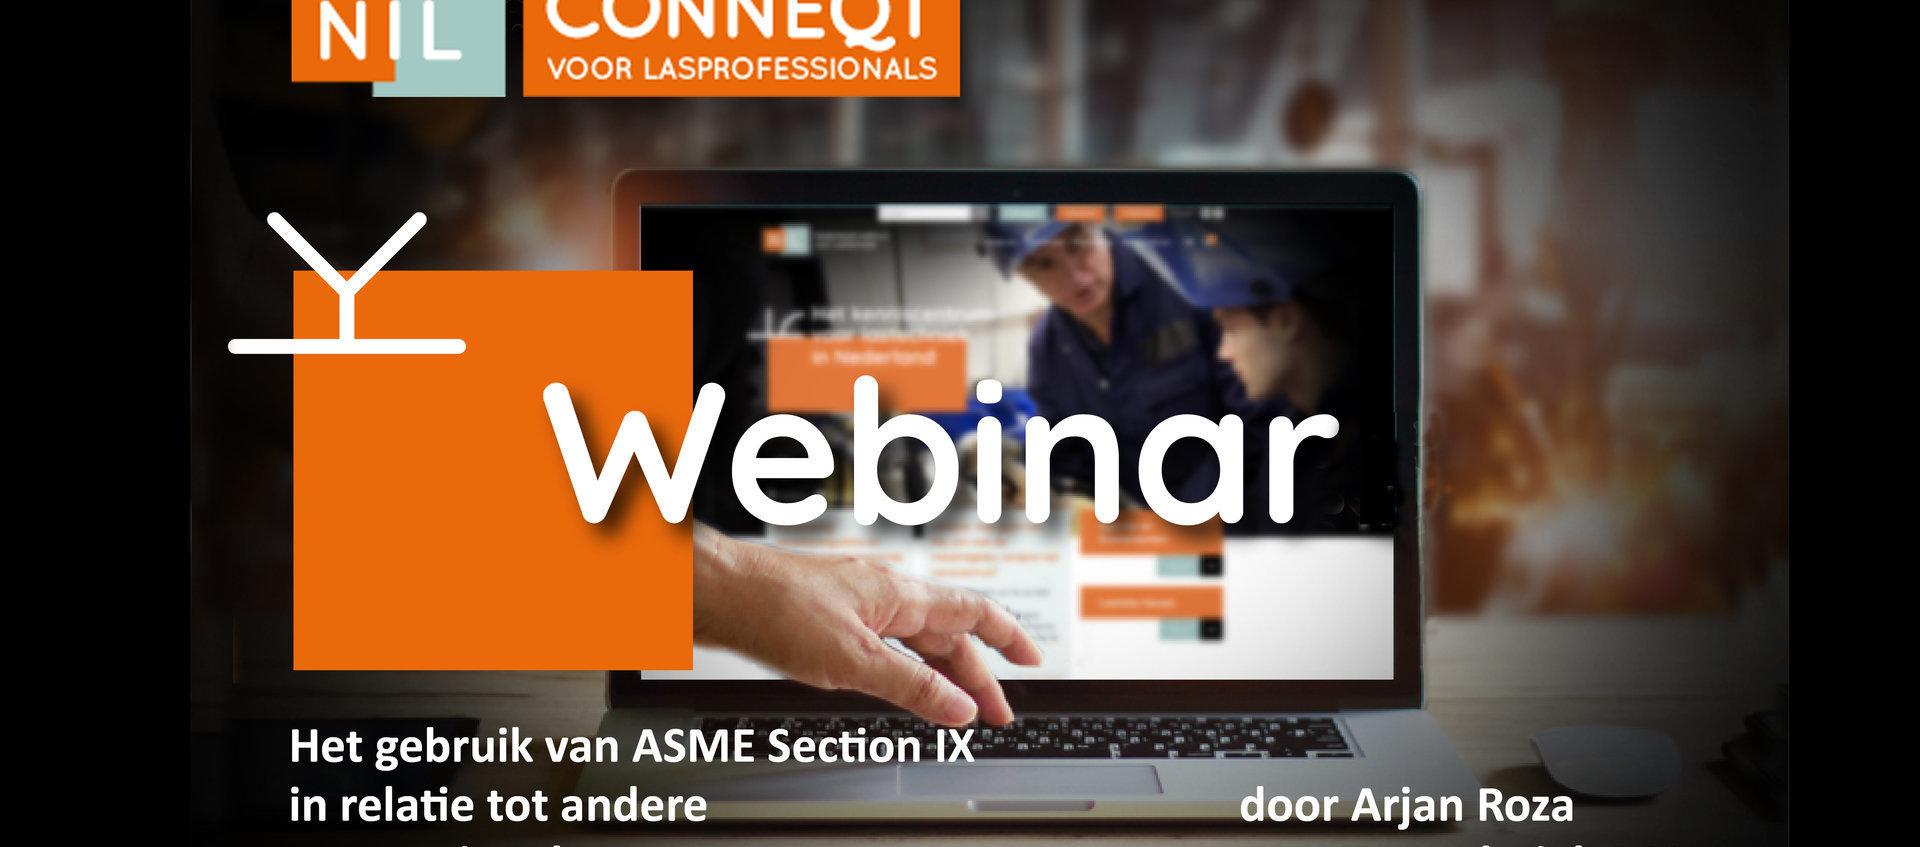 Webinar: Het gebruik van ASME section IX in relatie tot ontwerpnormen - Webinar